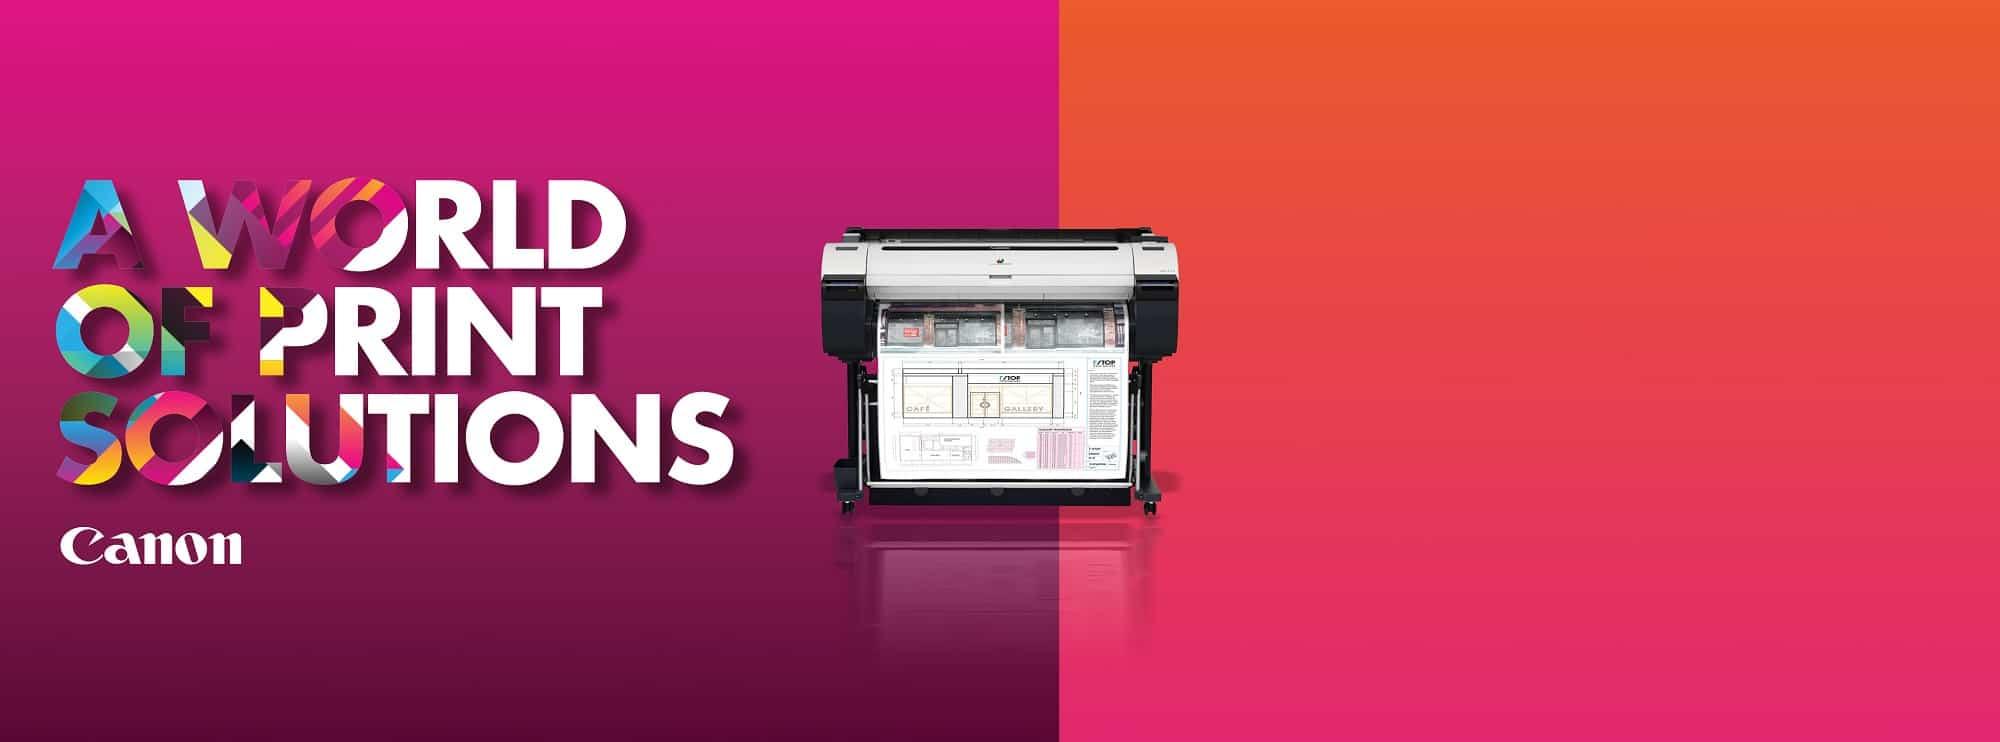 14 222 printers bunners 2000x7422 1